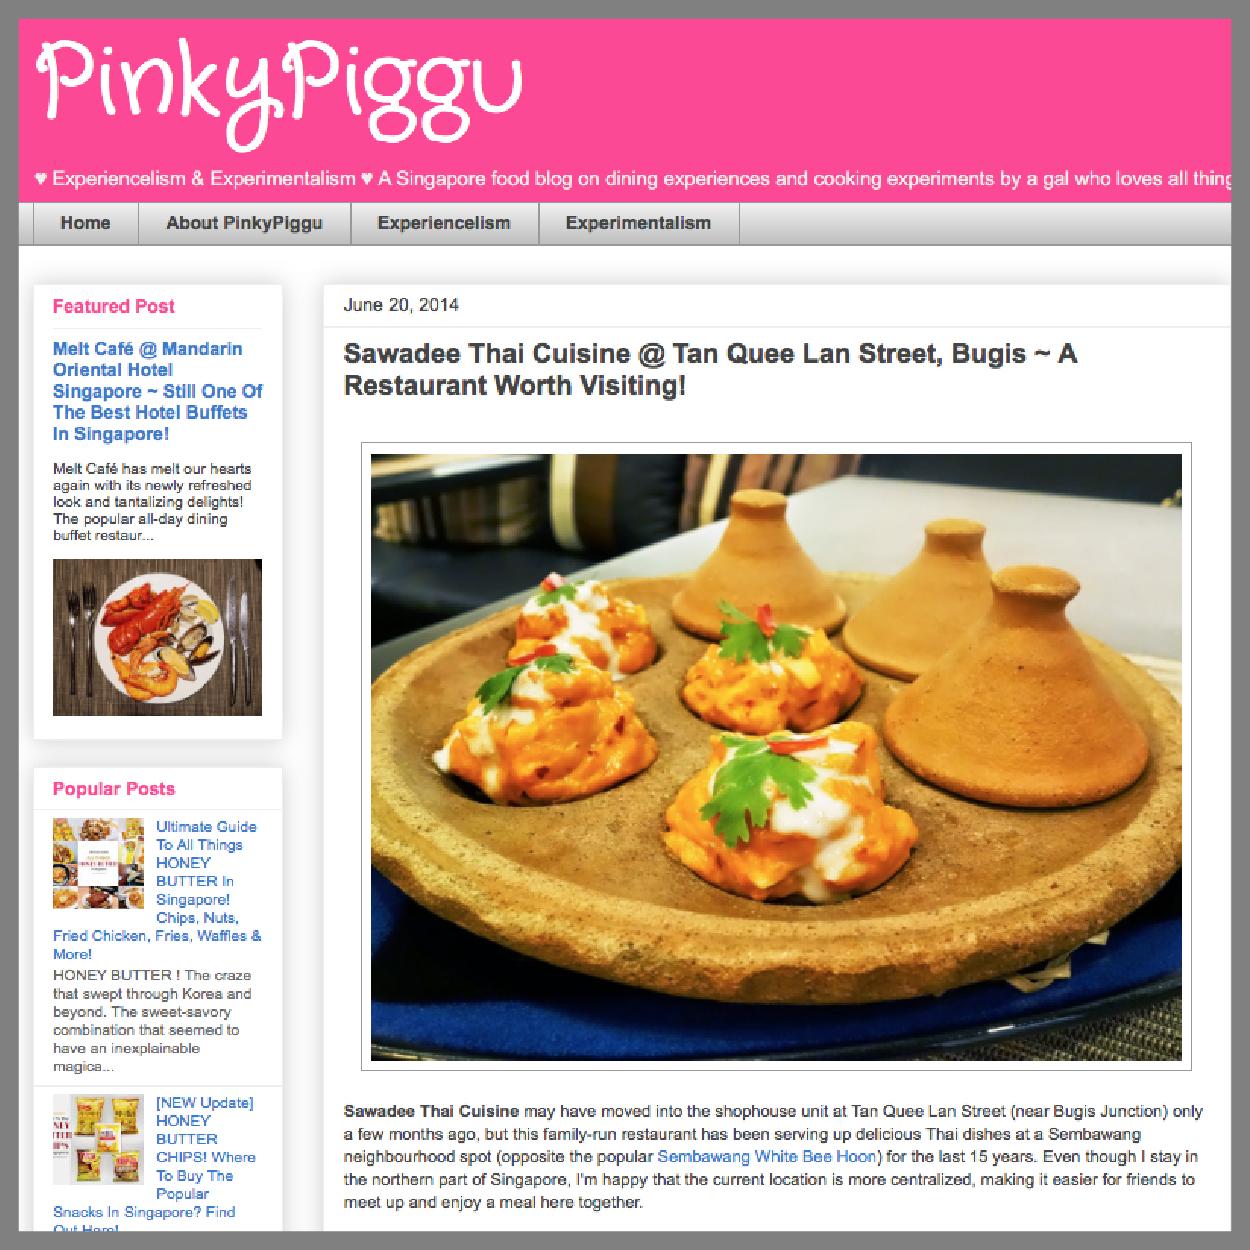 Pinky Piggu, 20 June 2014